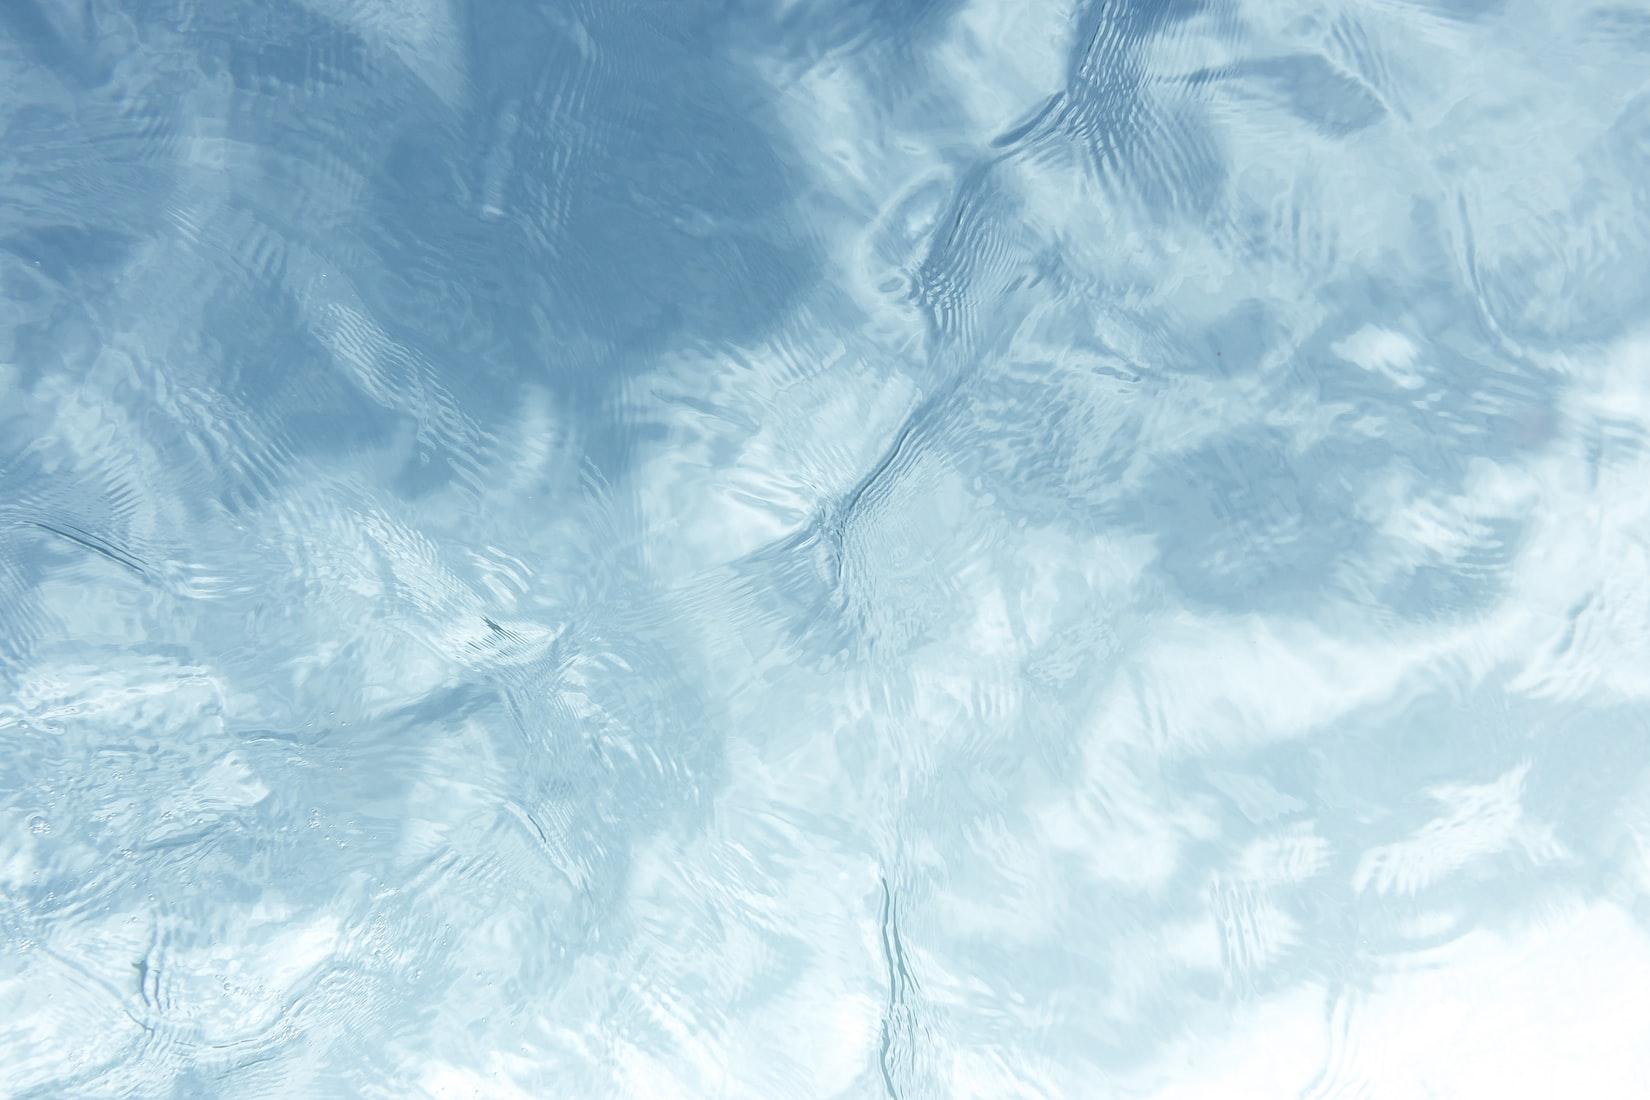 beskytter grundvand